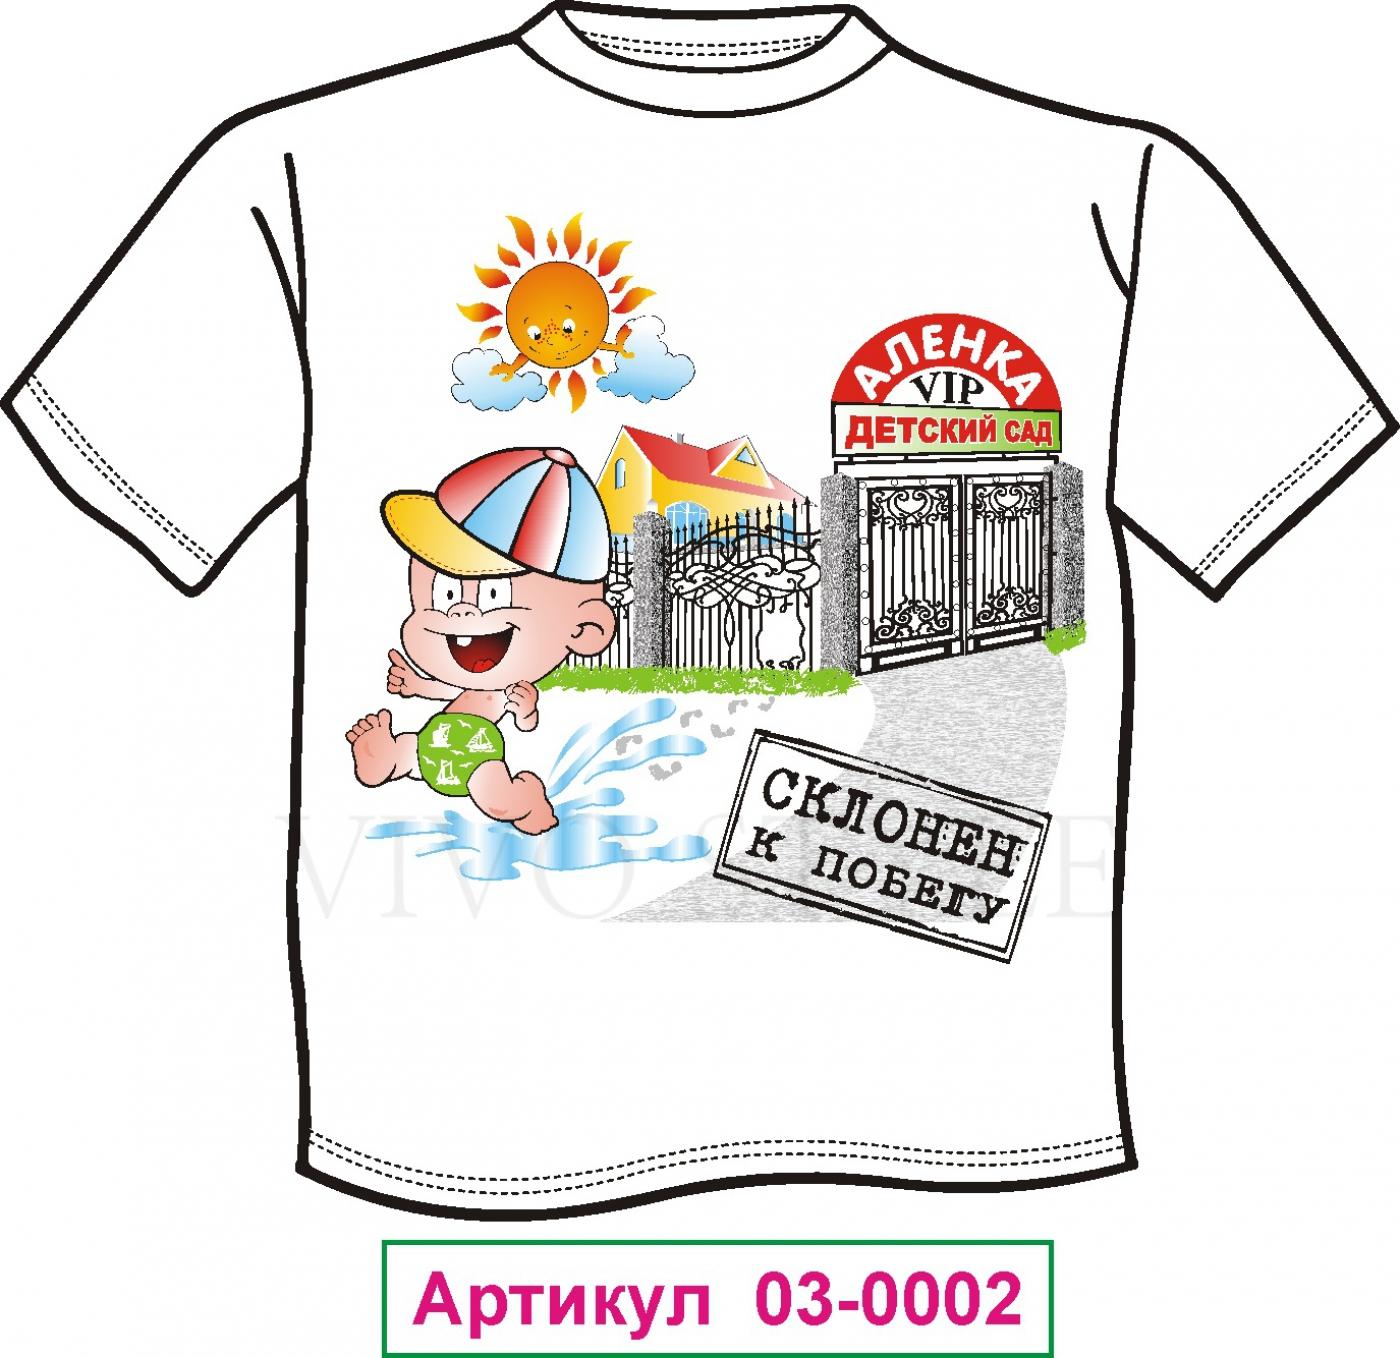 Эта модель футболки  хороший подарок ребенку